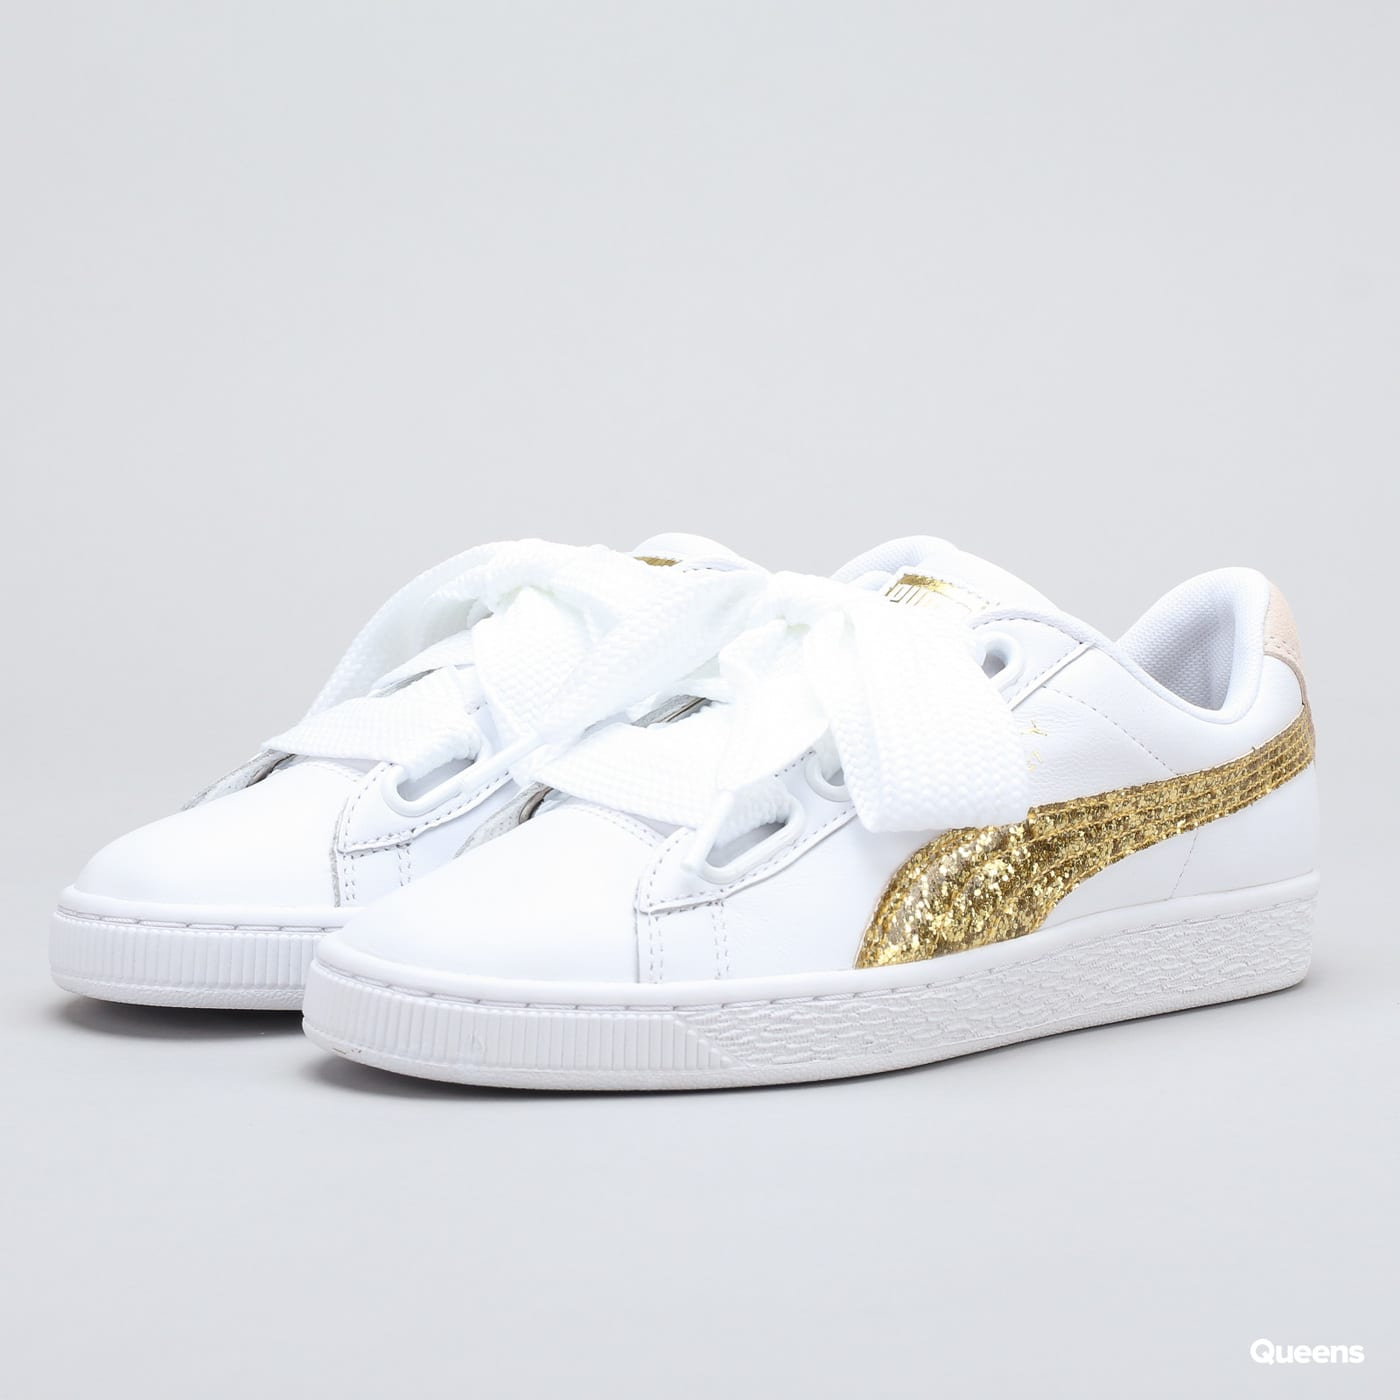 99ed9e9ab87 Puma Basket Heart Glitter Wn s (364078 01) – Queens 💚